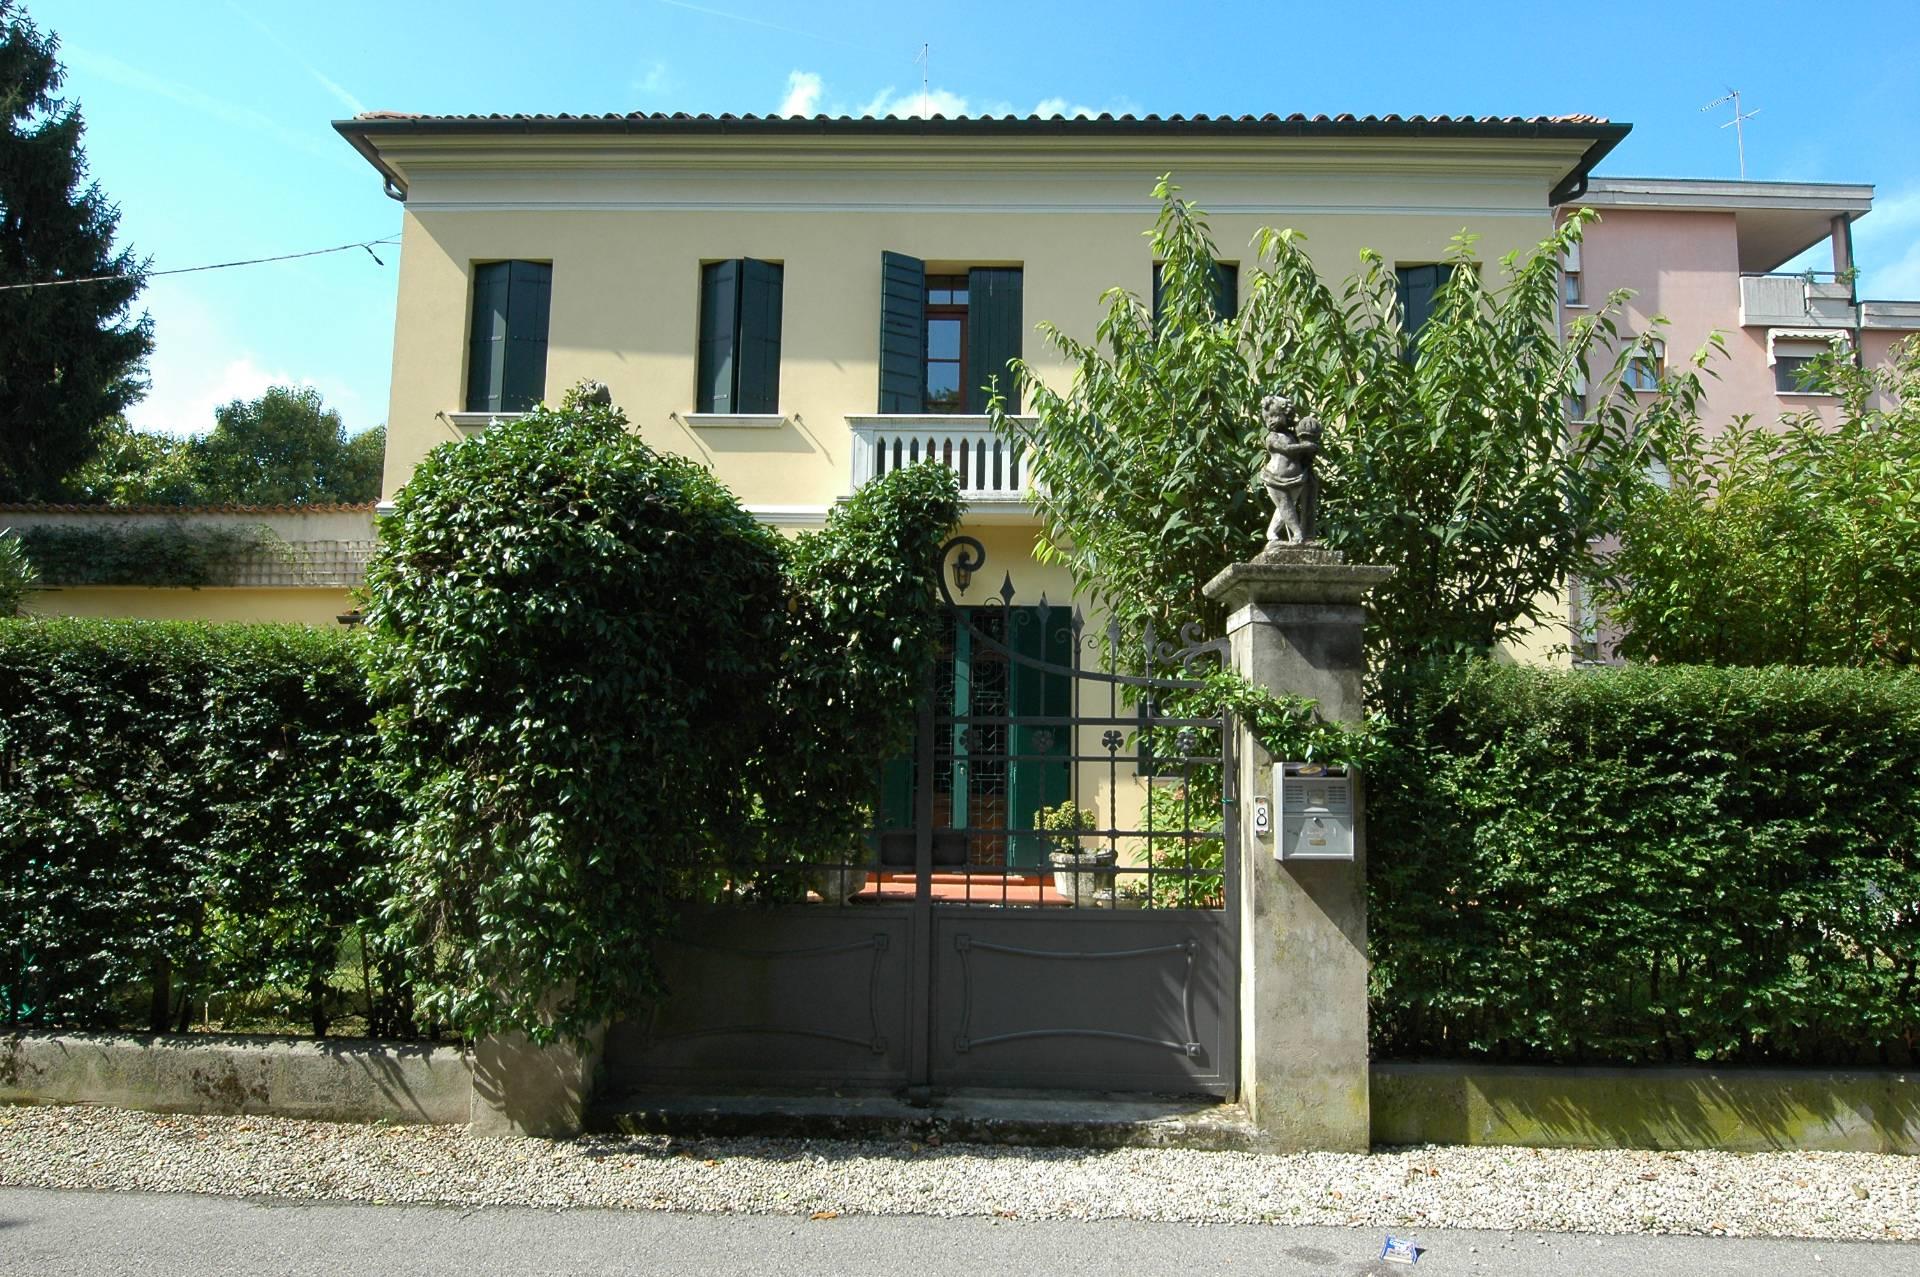 Villa in vendita a Mogliano Veneto, 10 locali, zona Località: Centro, prezzo € 850.000   CambioCasa.it